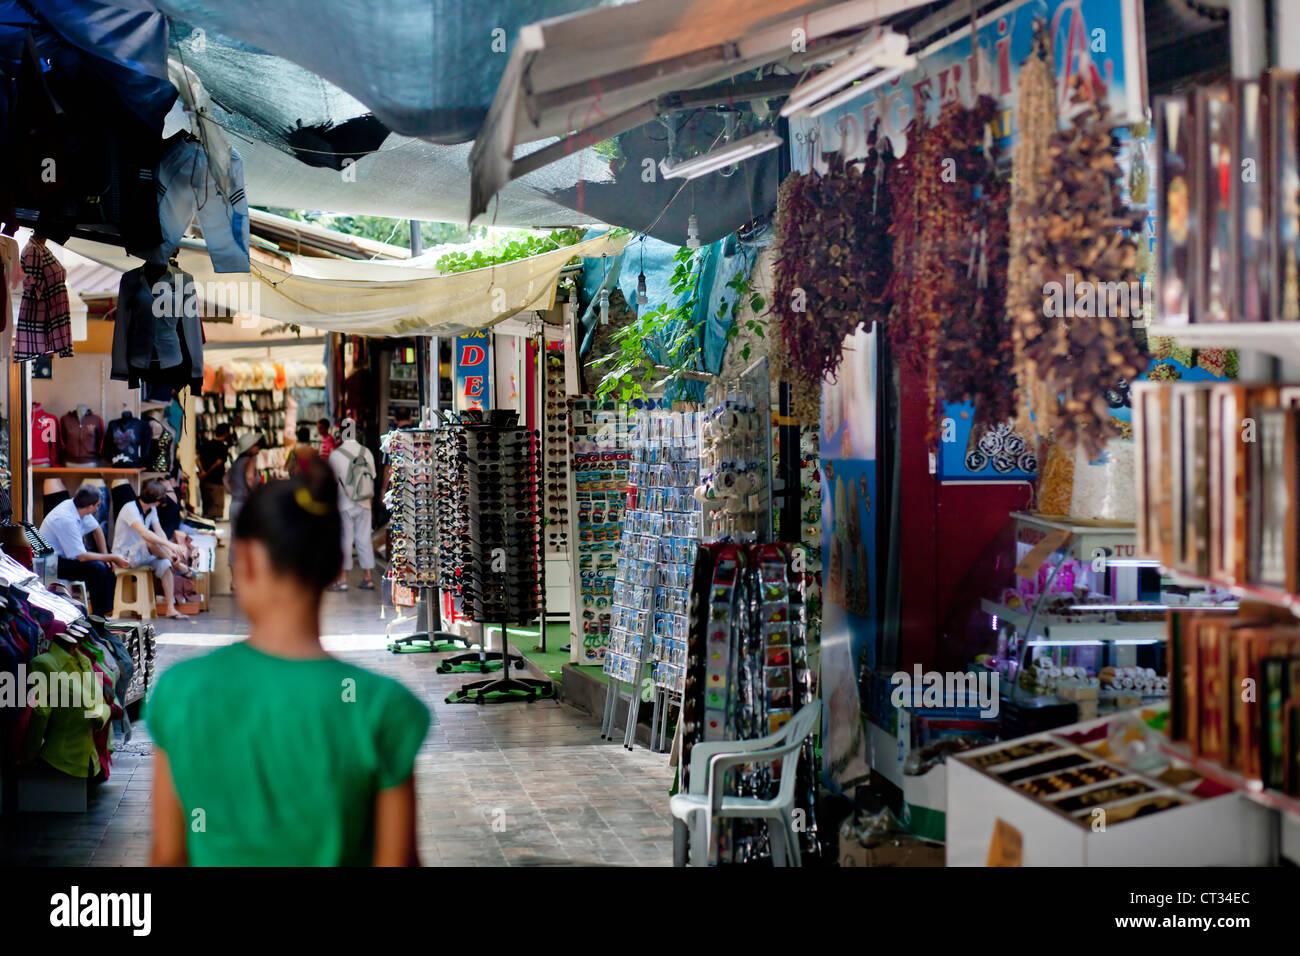 Street Market in Antalya, Turkey, Asia - Stock Image